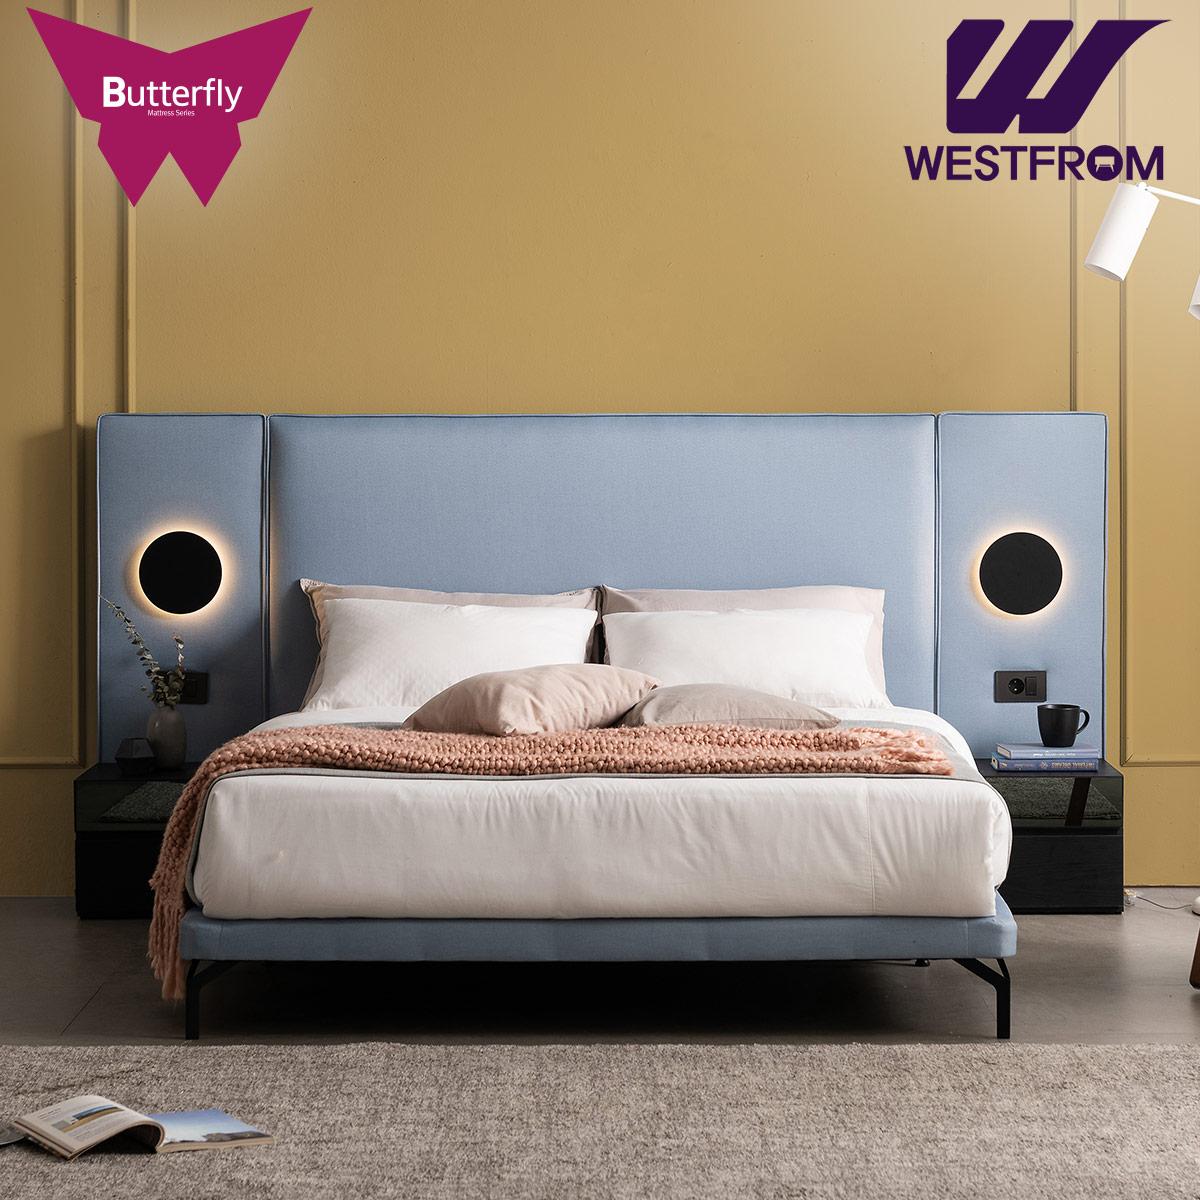 [웨스트프롬] 럭셔리 버터플라이) SPECIAL패브릭 TWO 매트리스 침대(퀸,킹 공용) / 프레임만